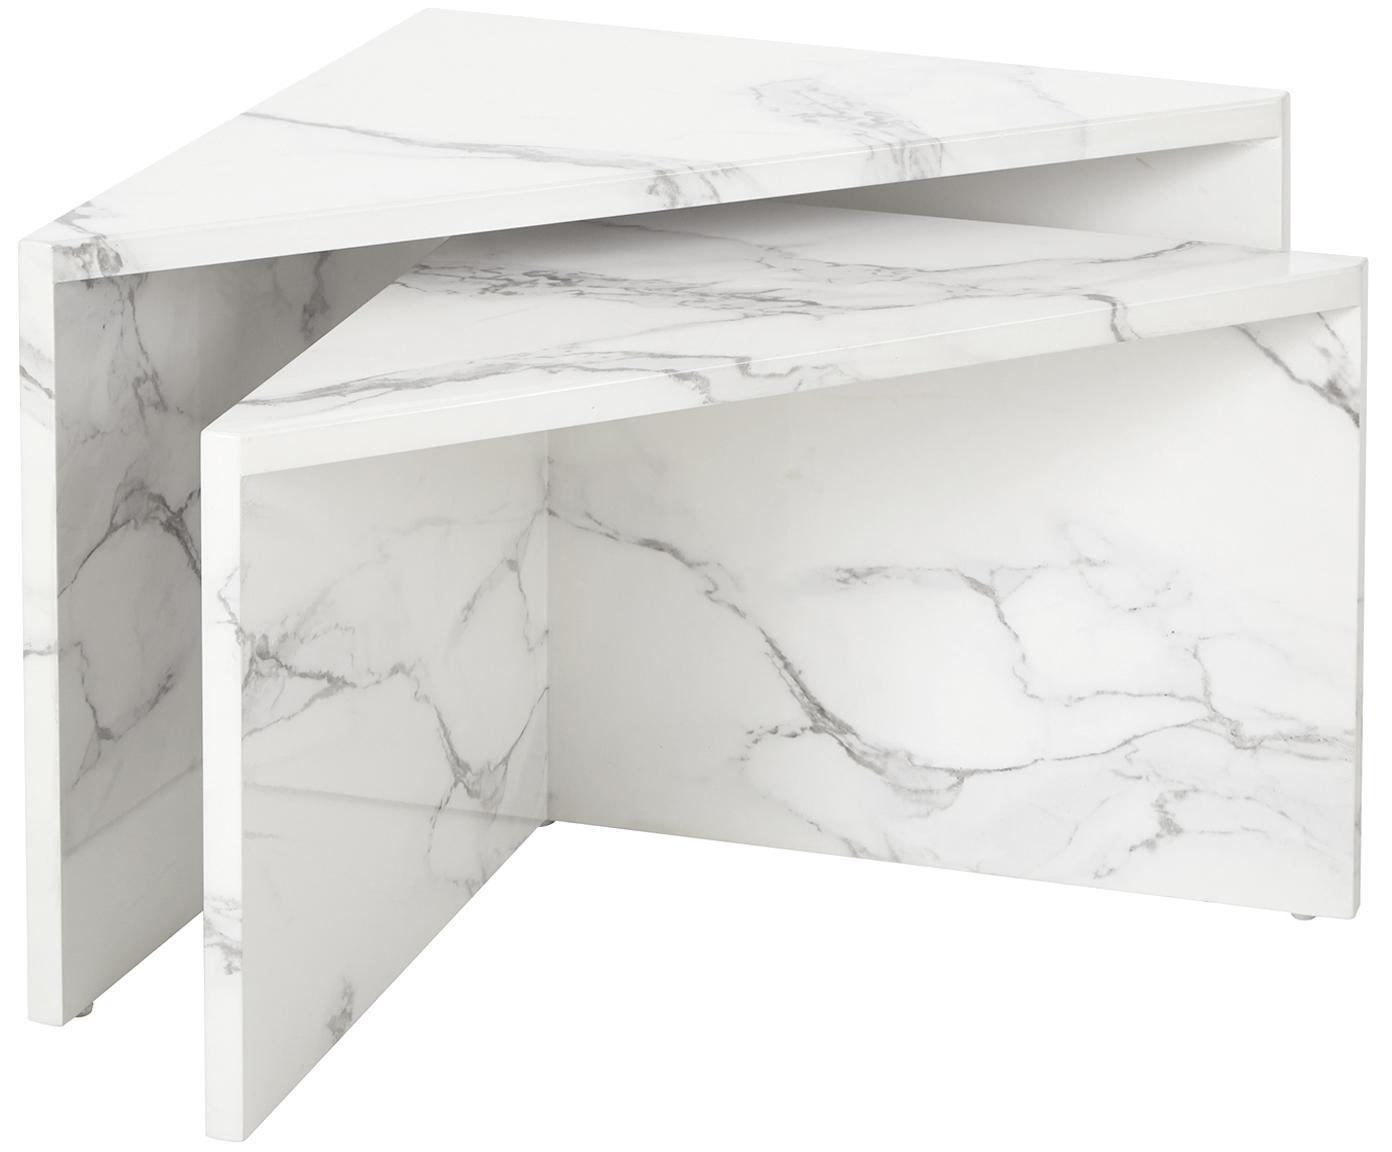 Komplet stolików kawowych Vilma, 2 elem., Płyta pilśniowa średniej gęstości (MDF) pokryta lakierem z wzorem marmurowym, Biały, wzór marmurowy, błyszczący, Różne rozmiary